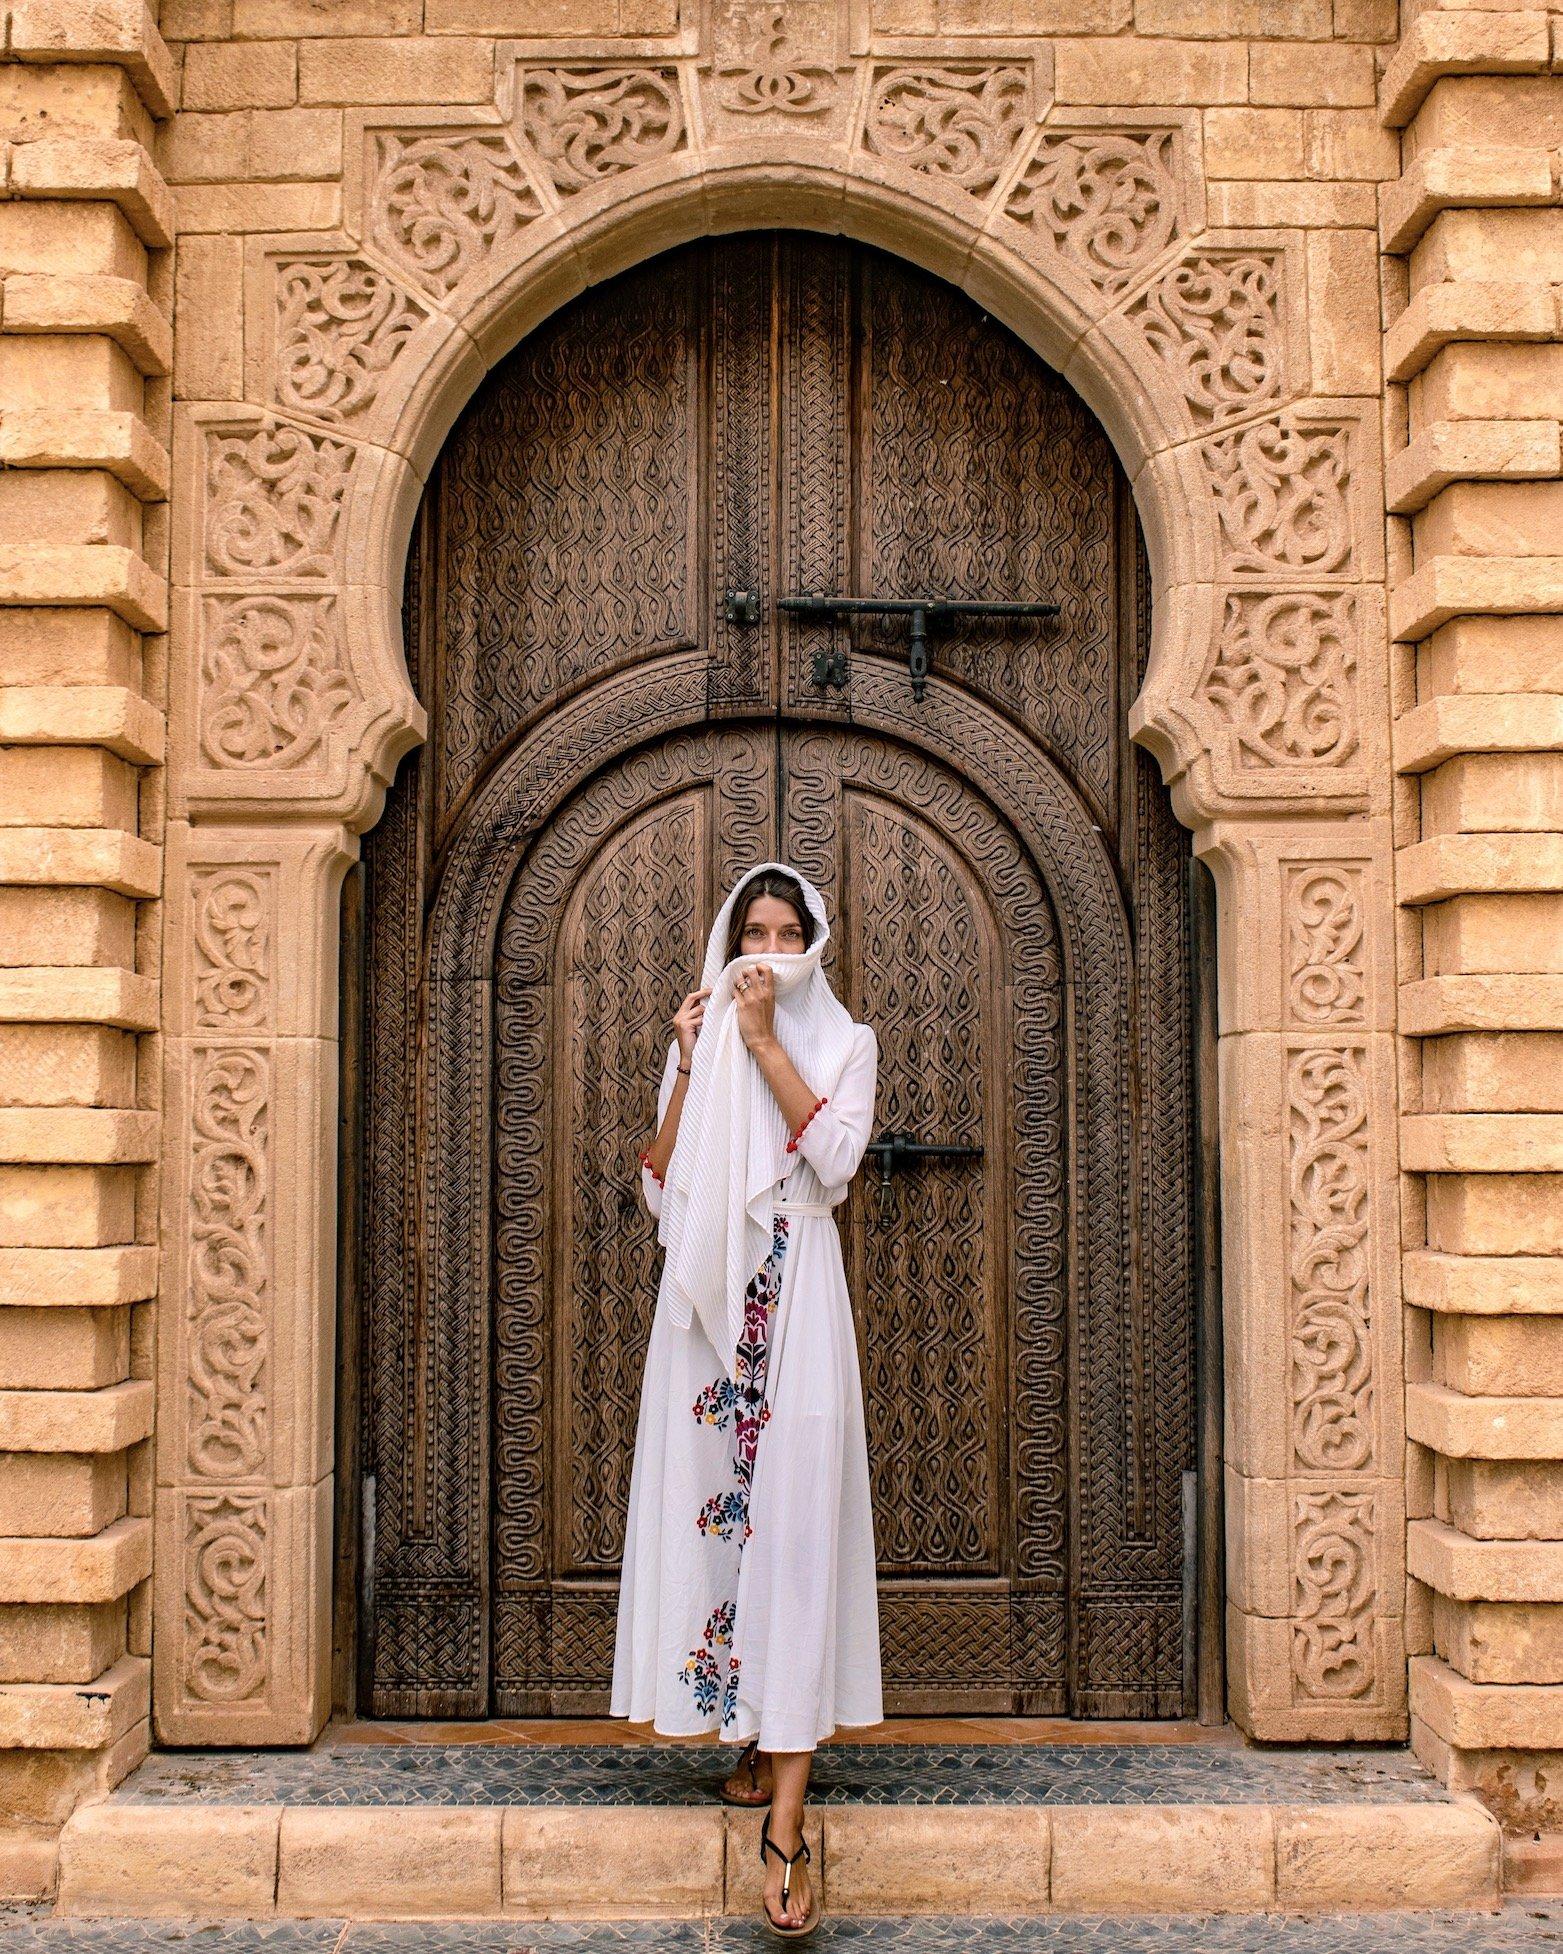 agadir morocco woman